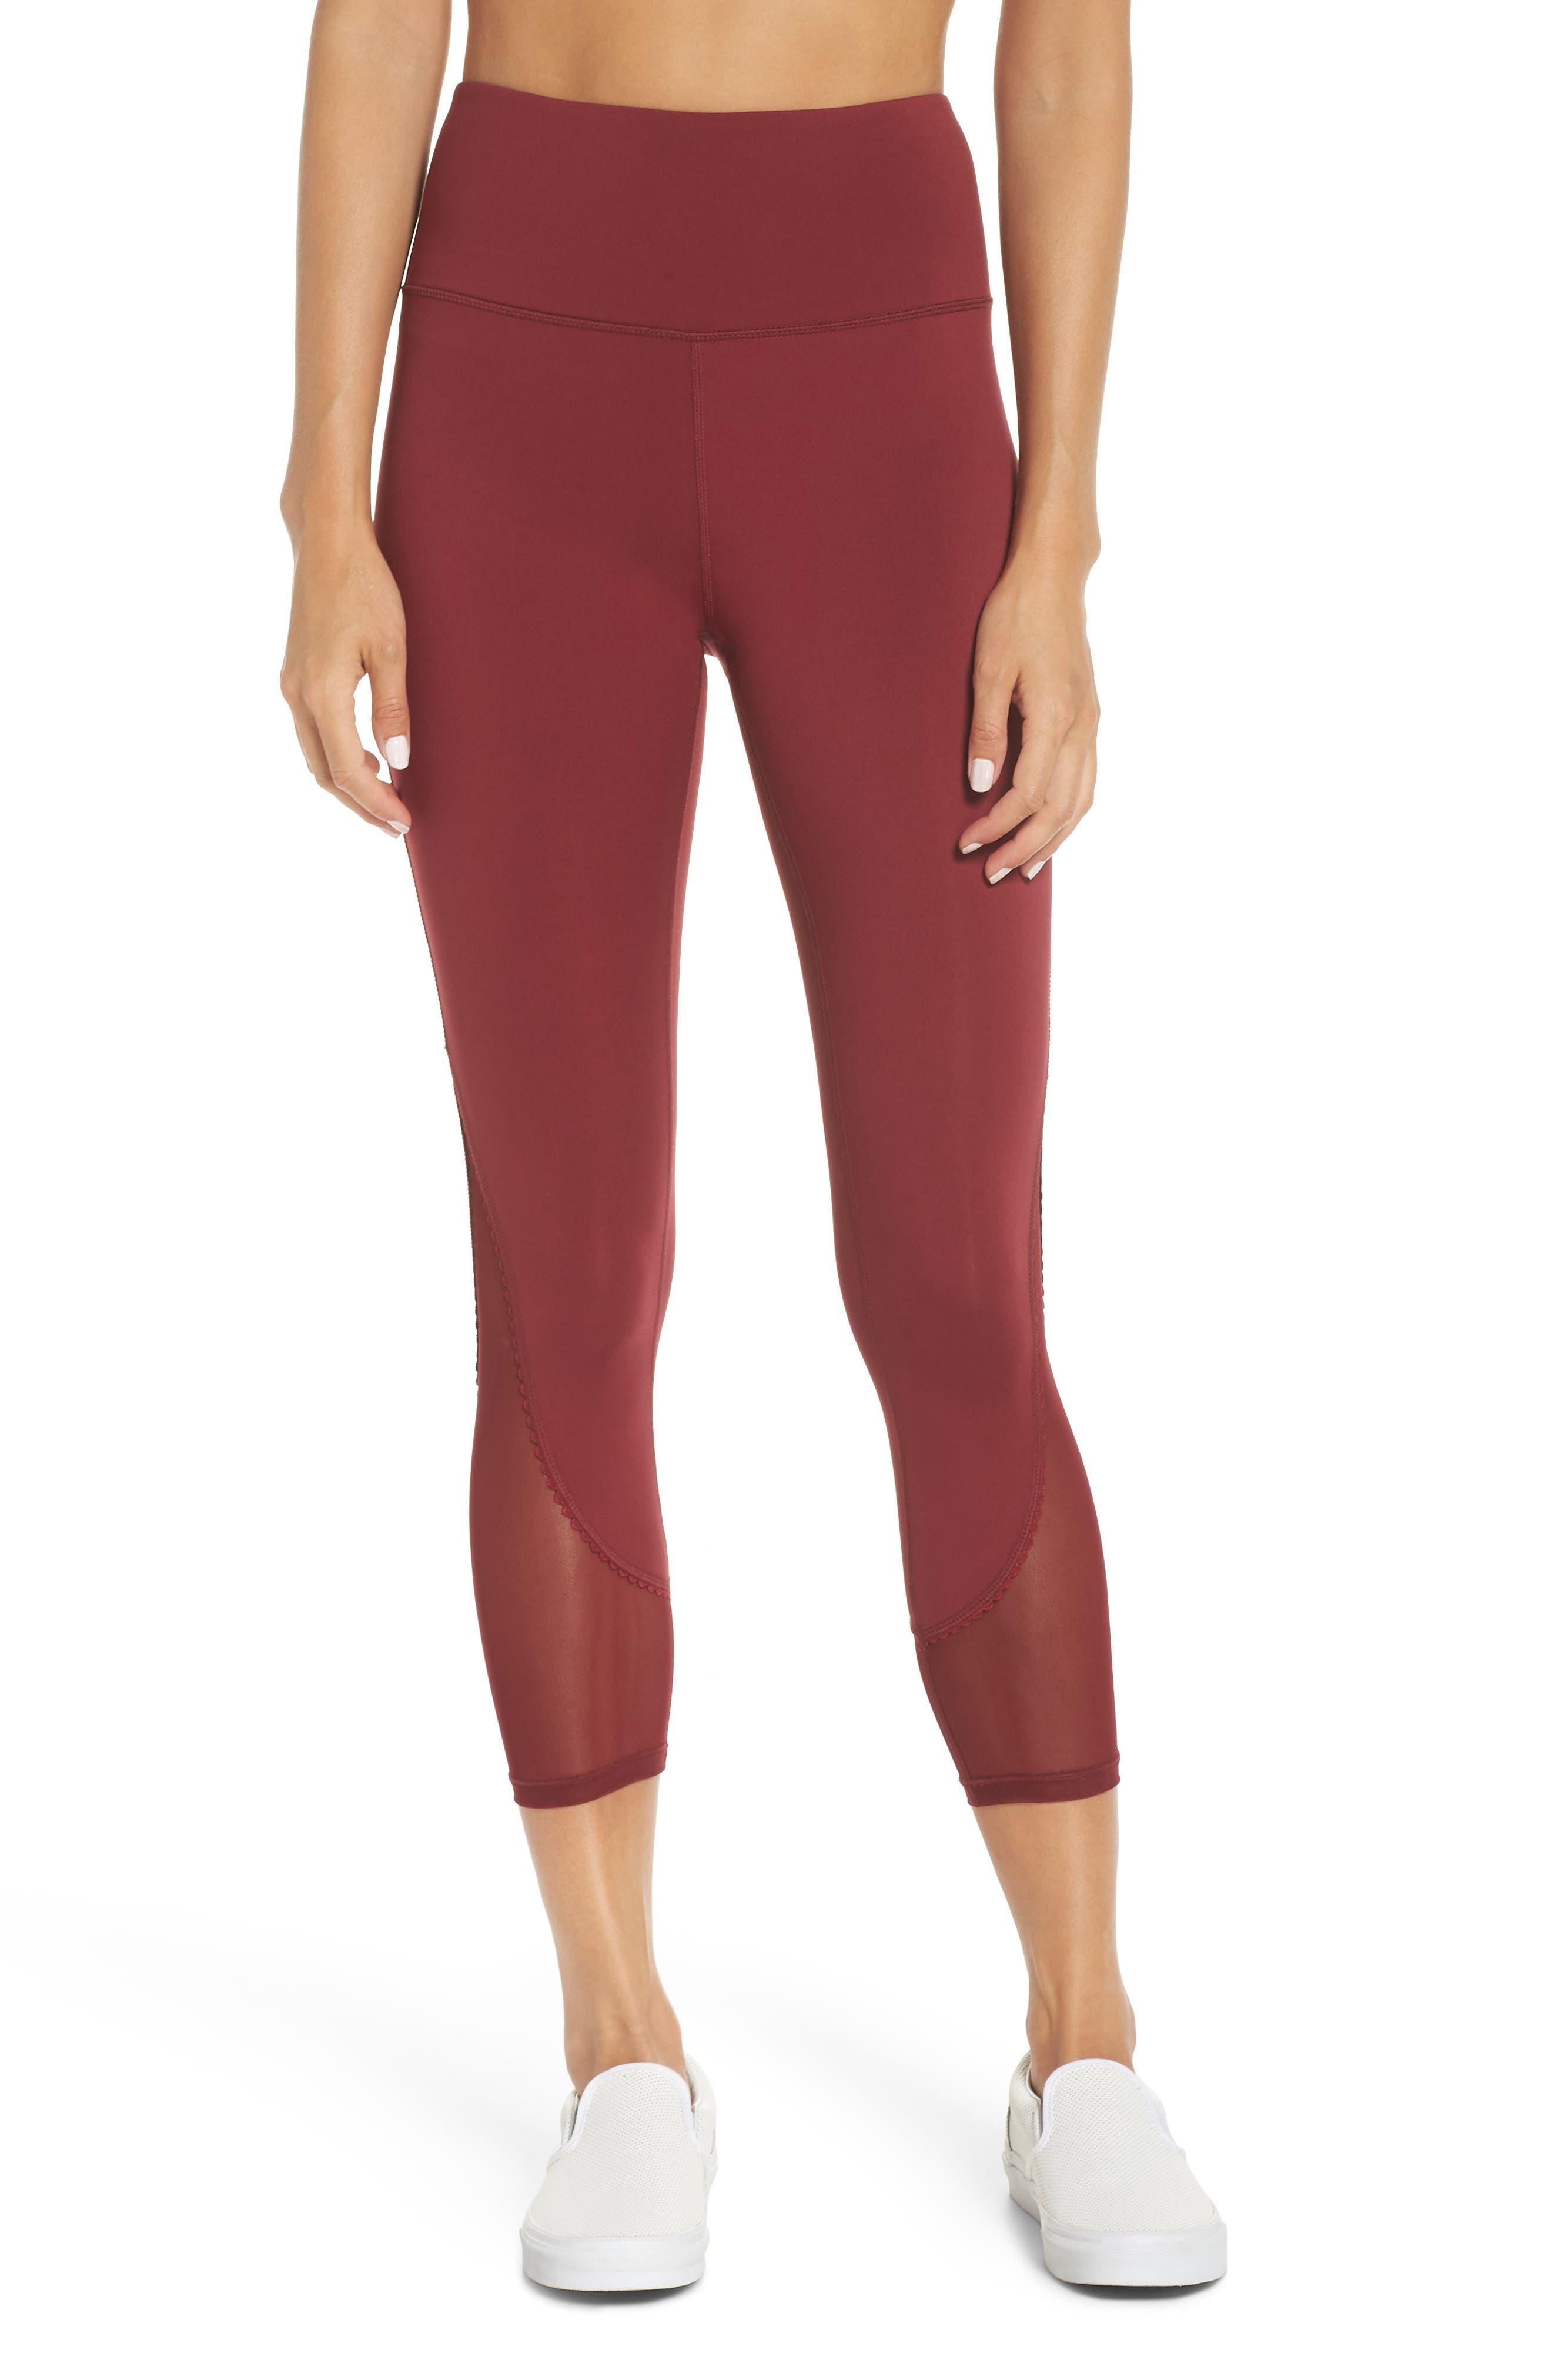 Kate Spade New York Micro Mesh Leggings, Red